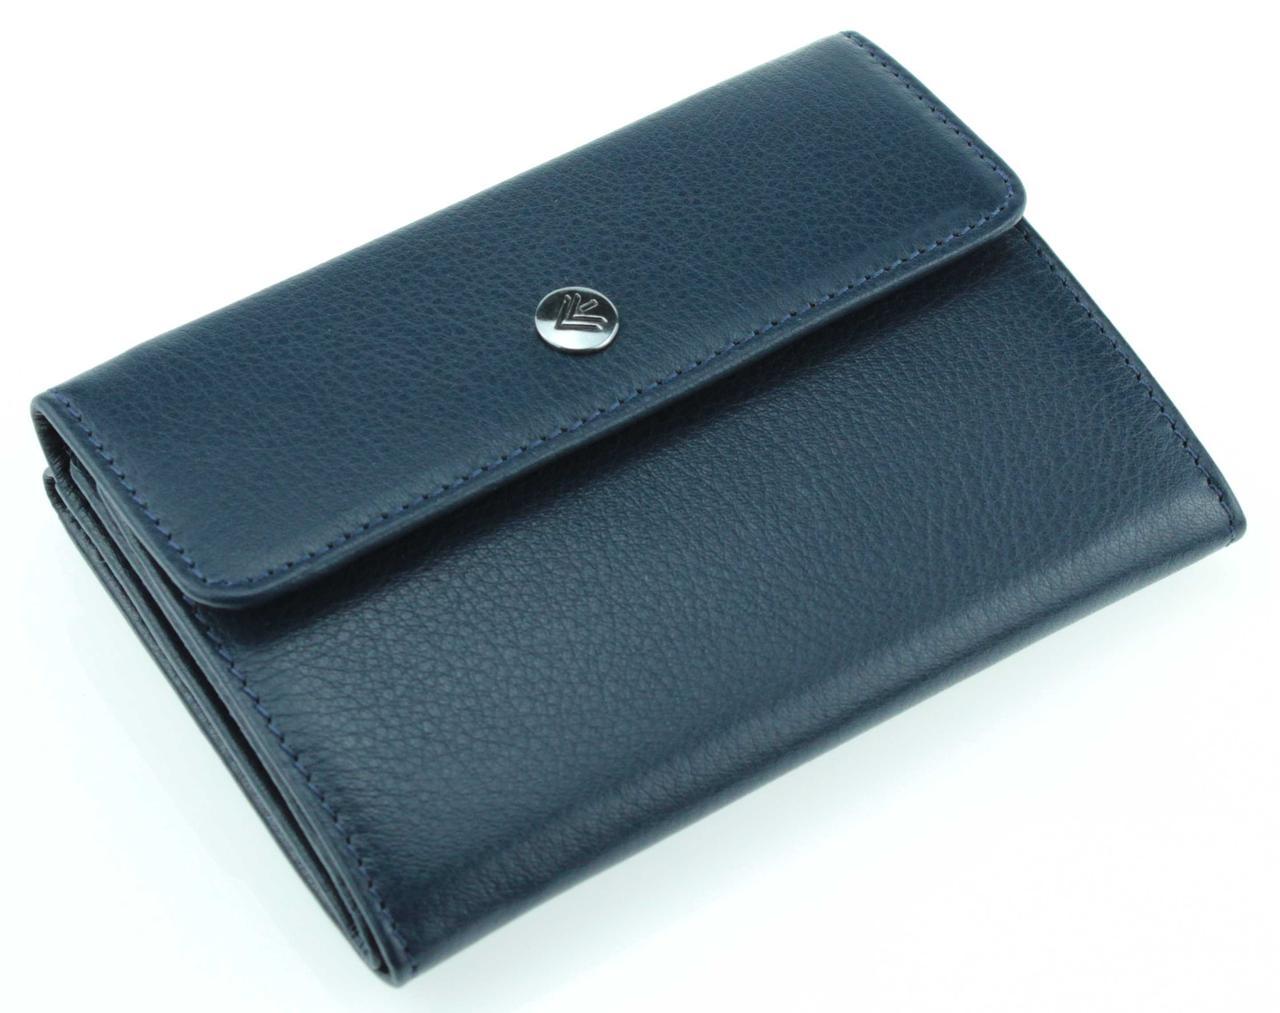 Женский кошелек Eminsa 2019-18-19 кожаный синий с отделением для автодокументов